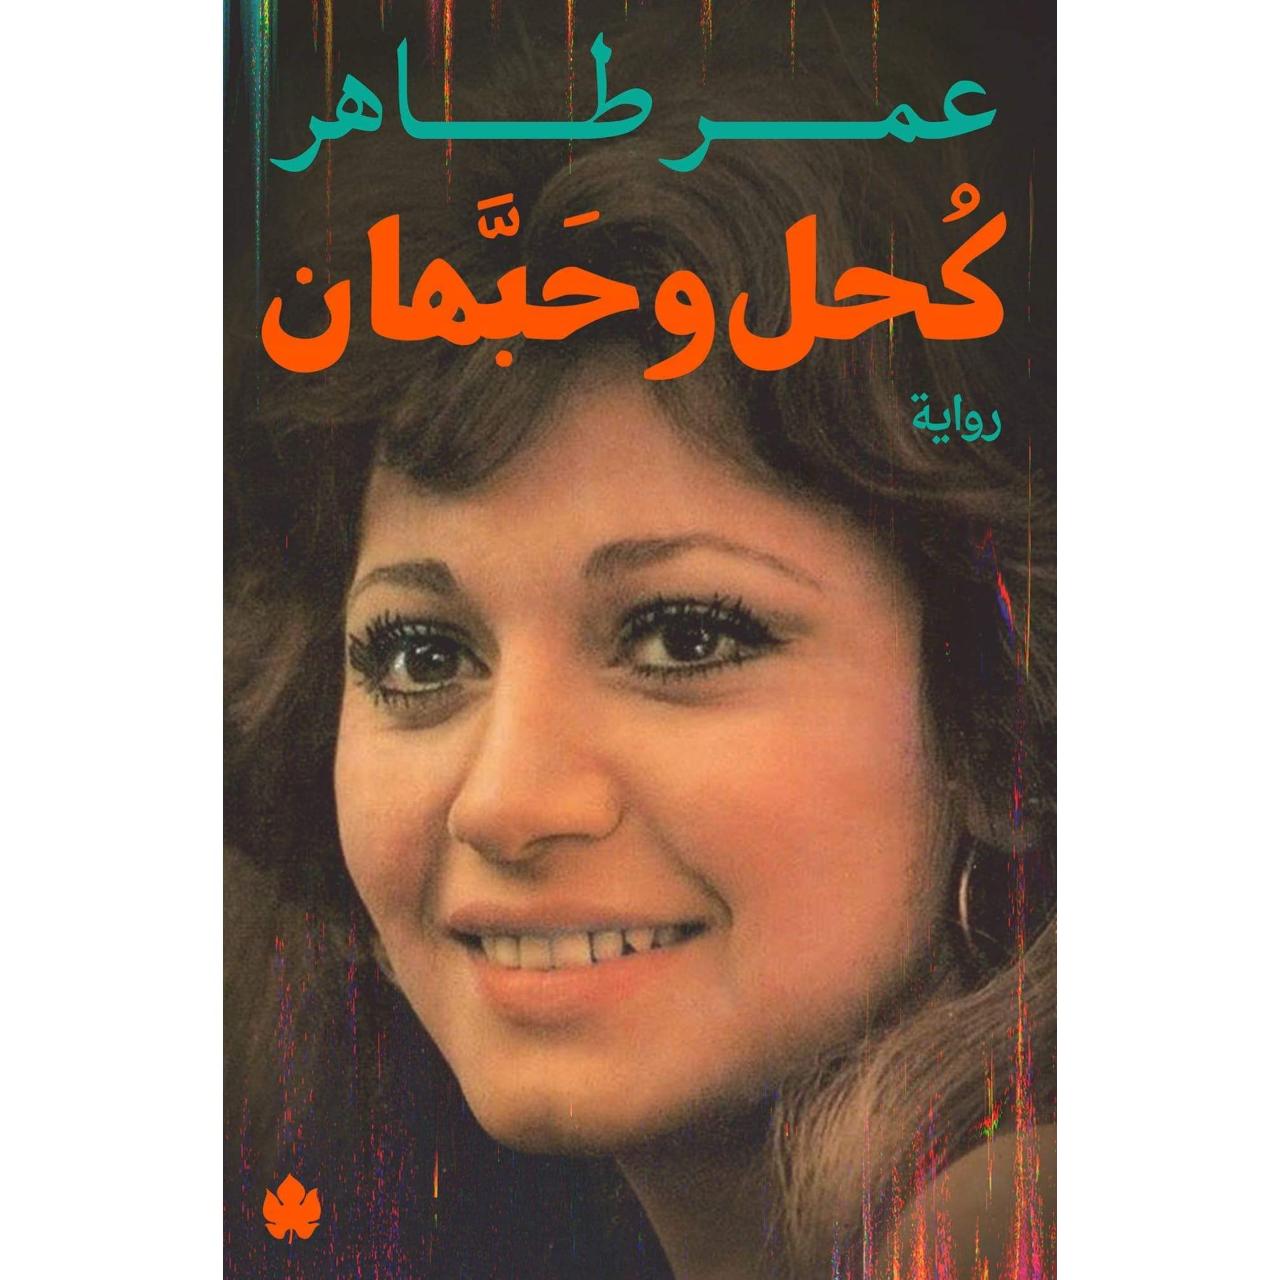 غلاف كحل وحبهان- الكرمة.png